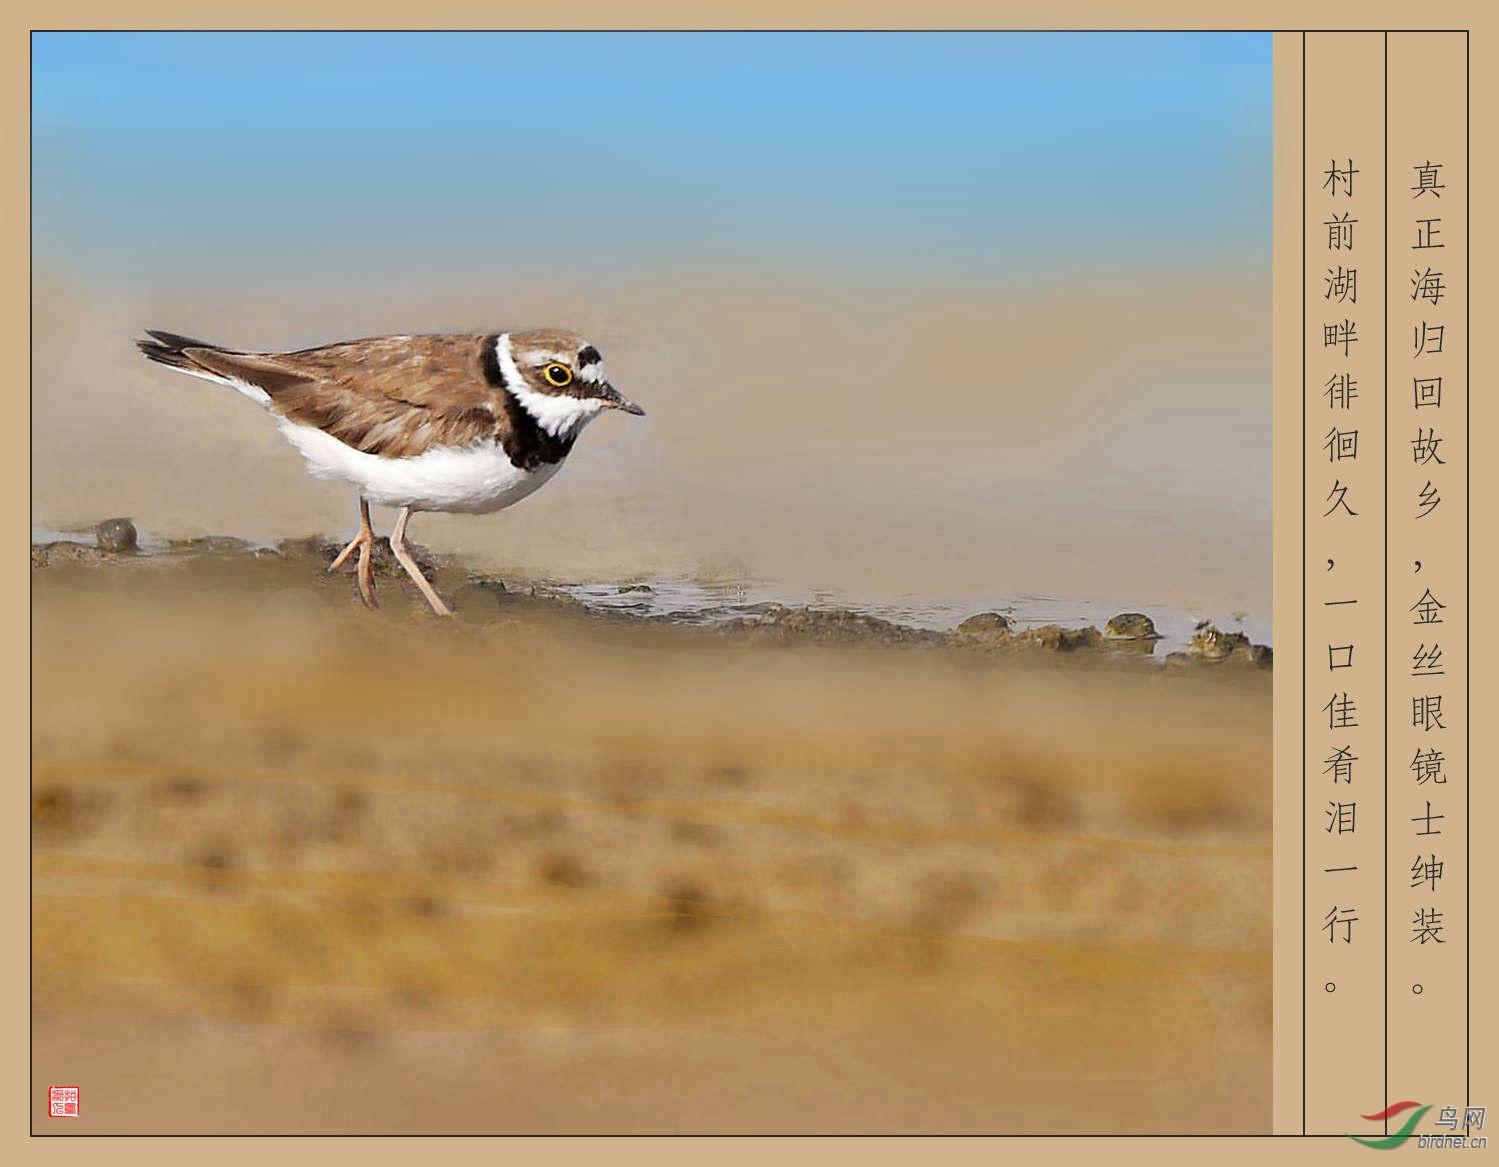 金眶(原创竹枝词其五)-文化鸟类鸟网嫁漫画自图片